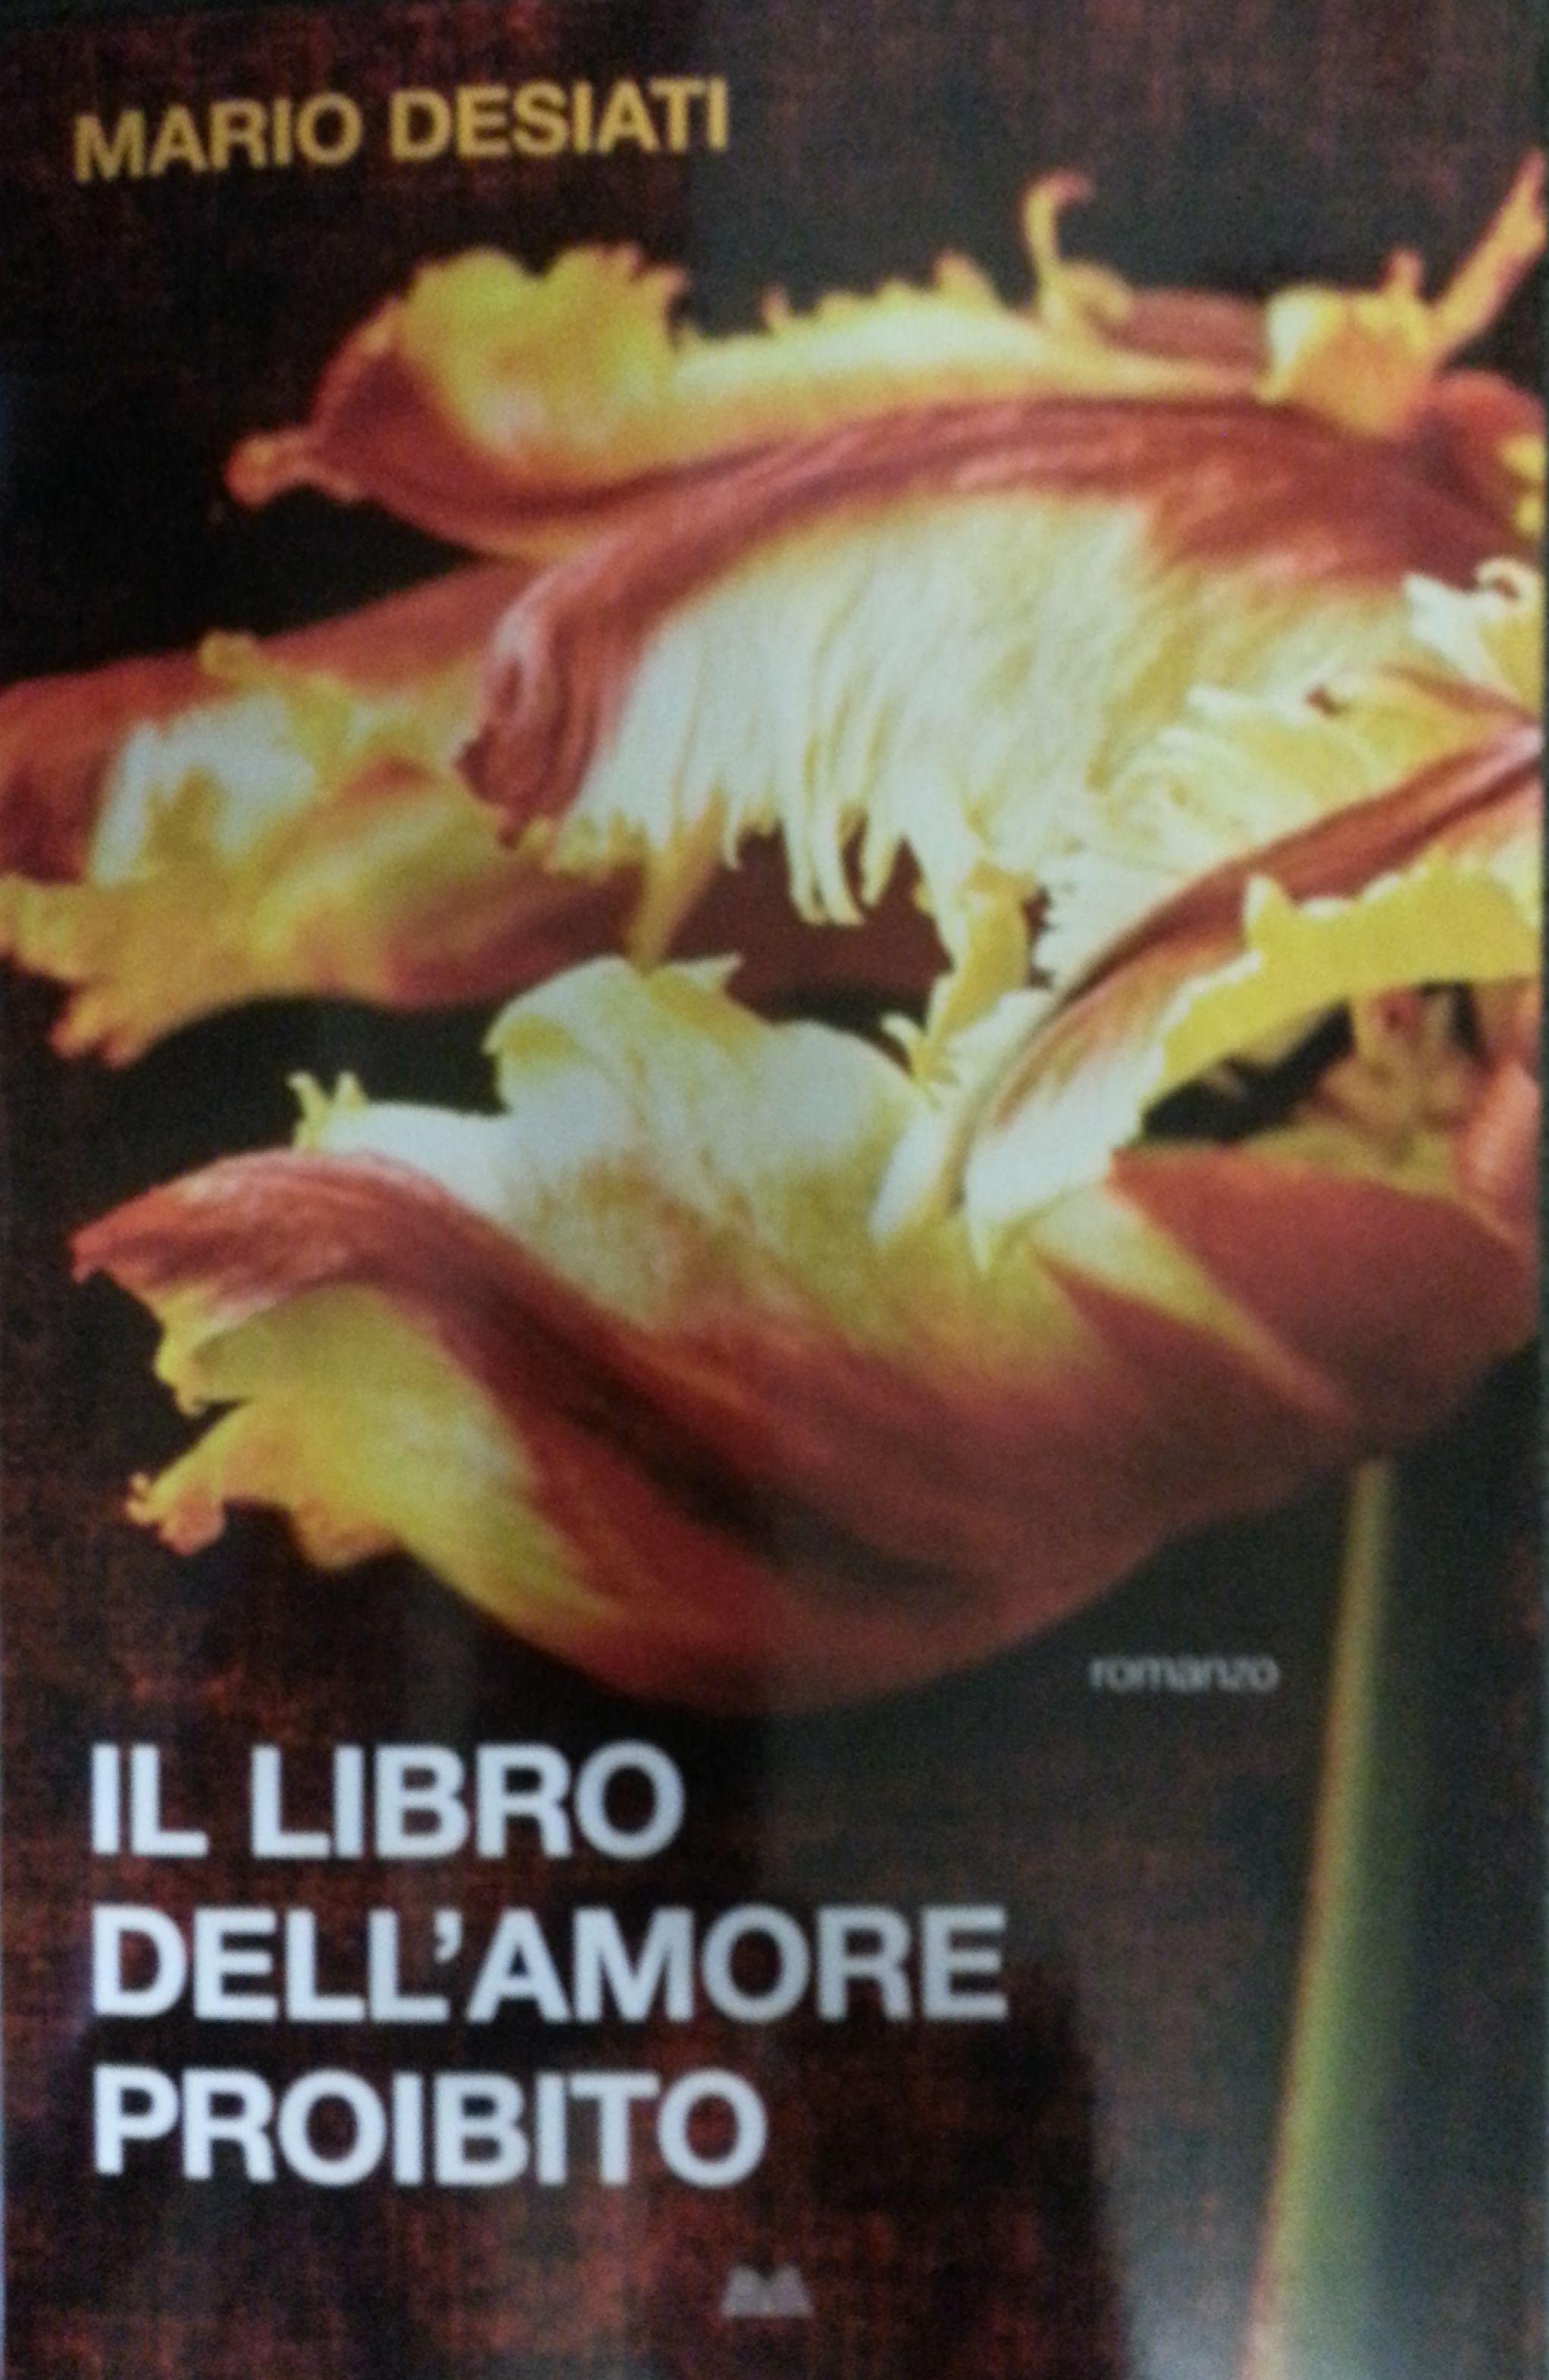 Il libro dell'amore proibito